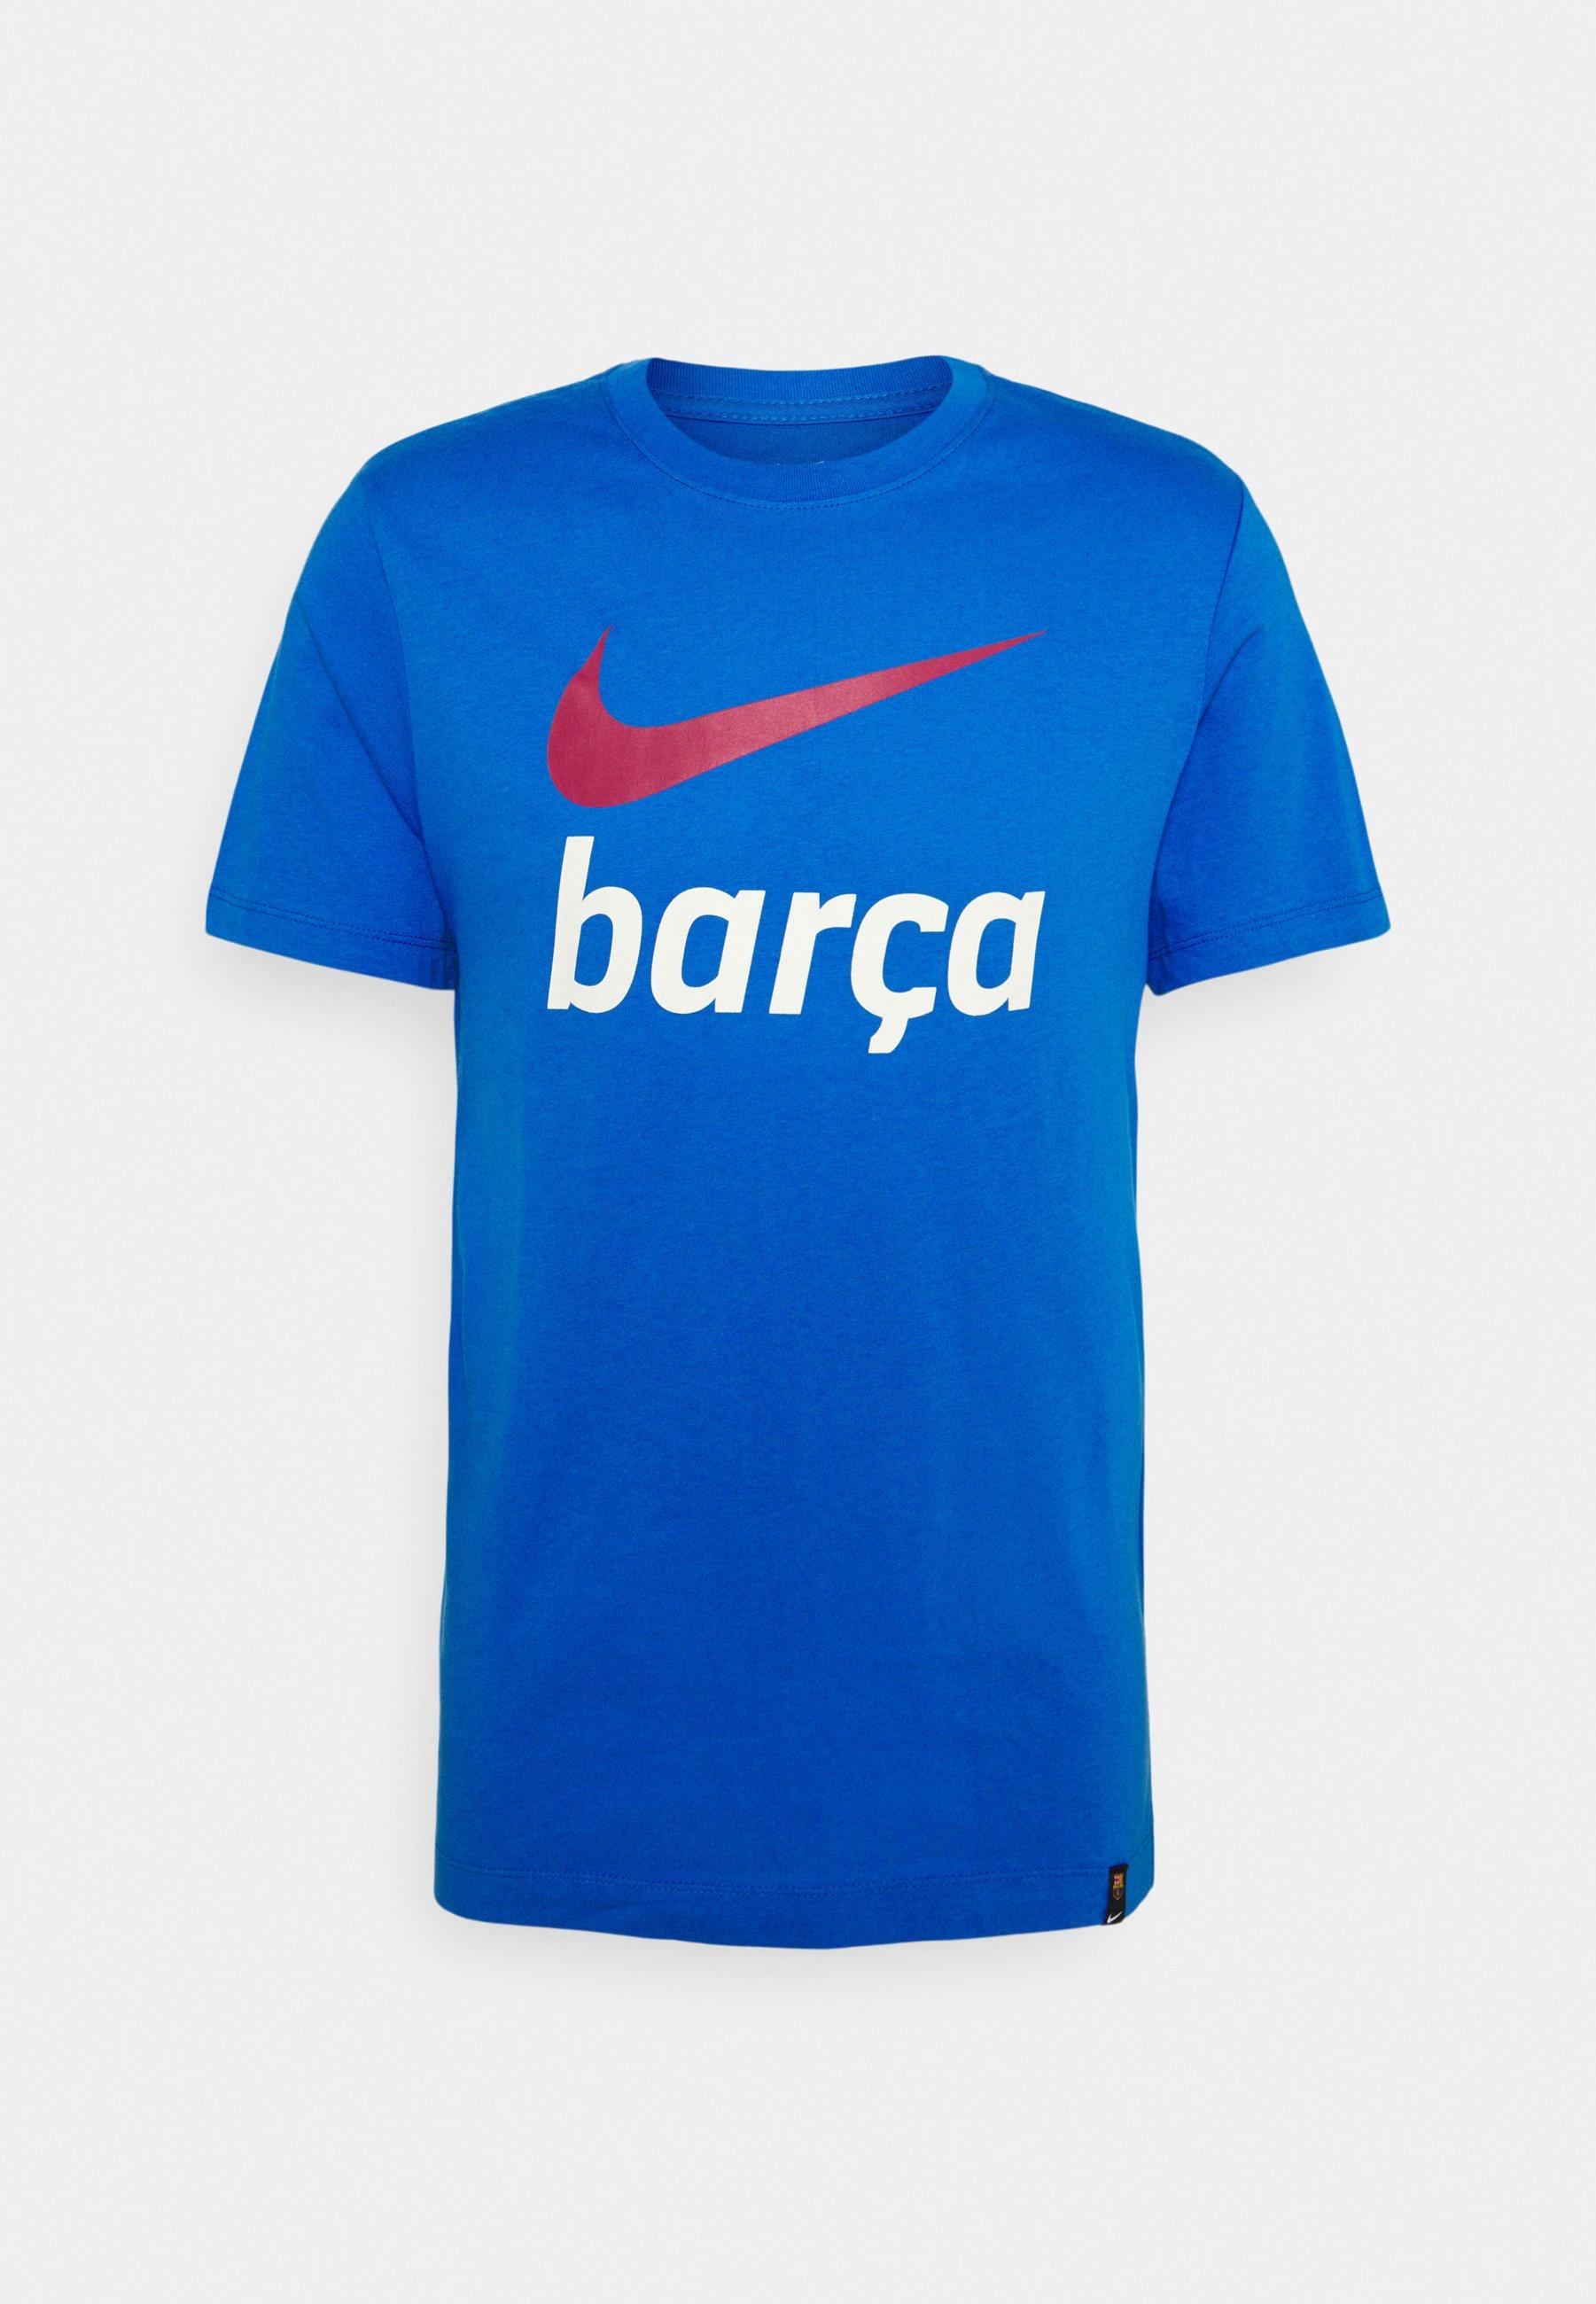 Herren FC BARCELONA CLUB TEE - Vereinsmannschaften